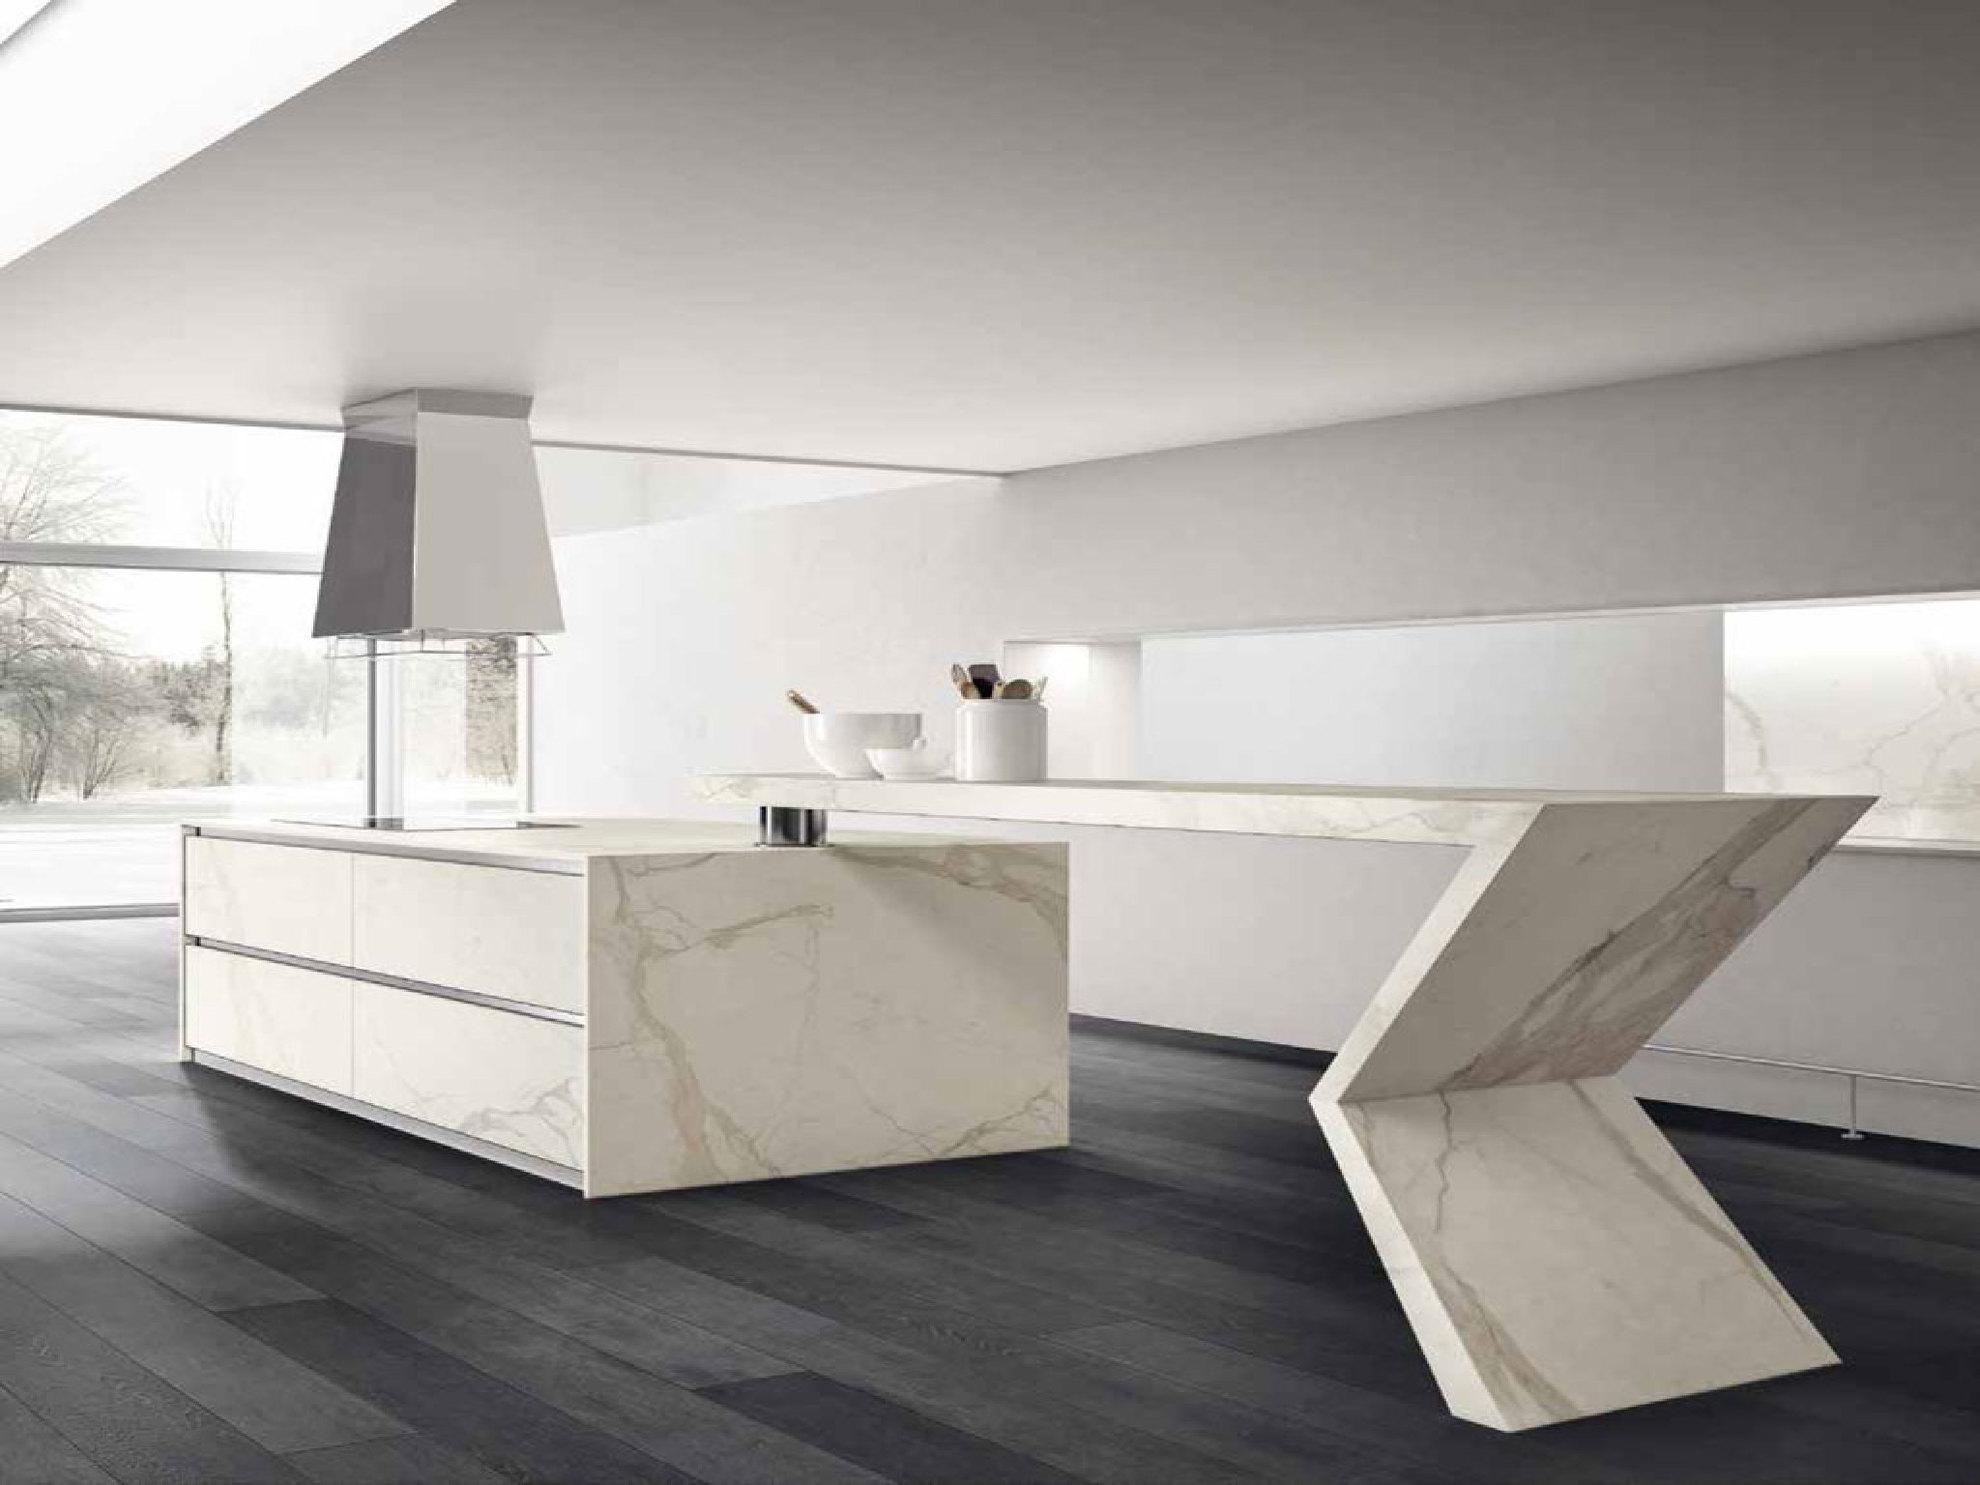 Tradizione e modernita delle piastrelle fmg effetto marmo - Resina in cucina al posto delle piastrelle ...